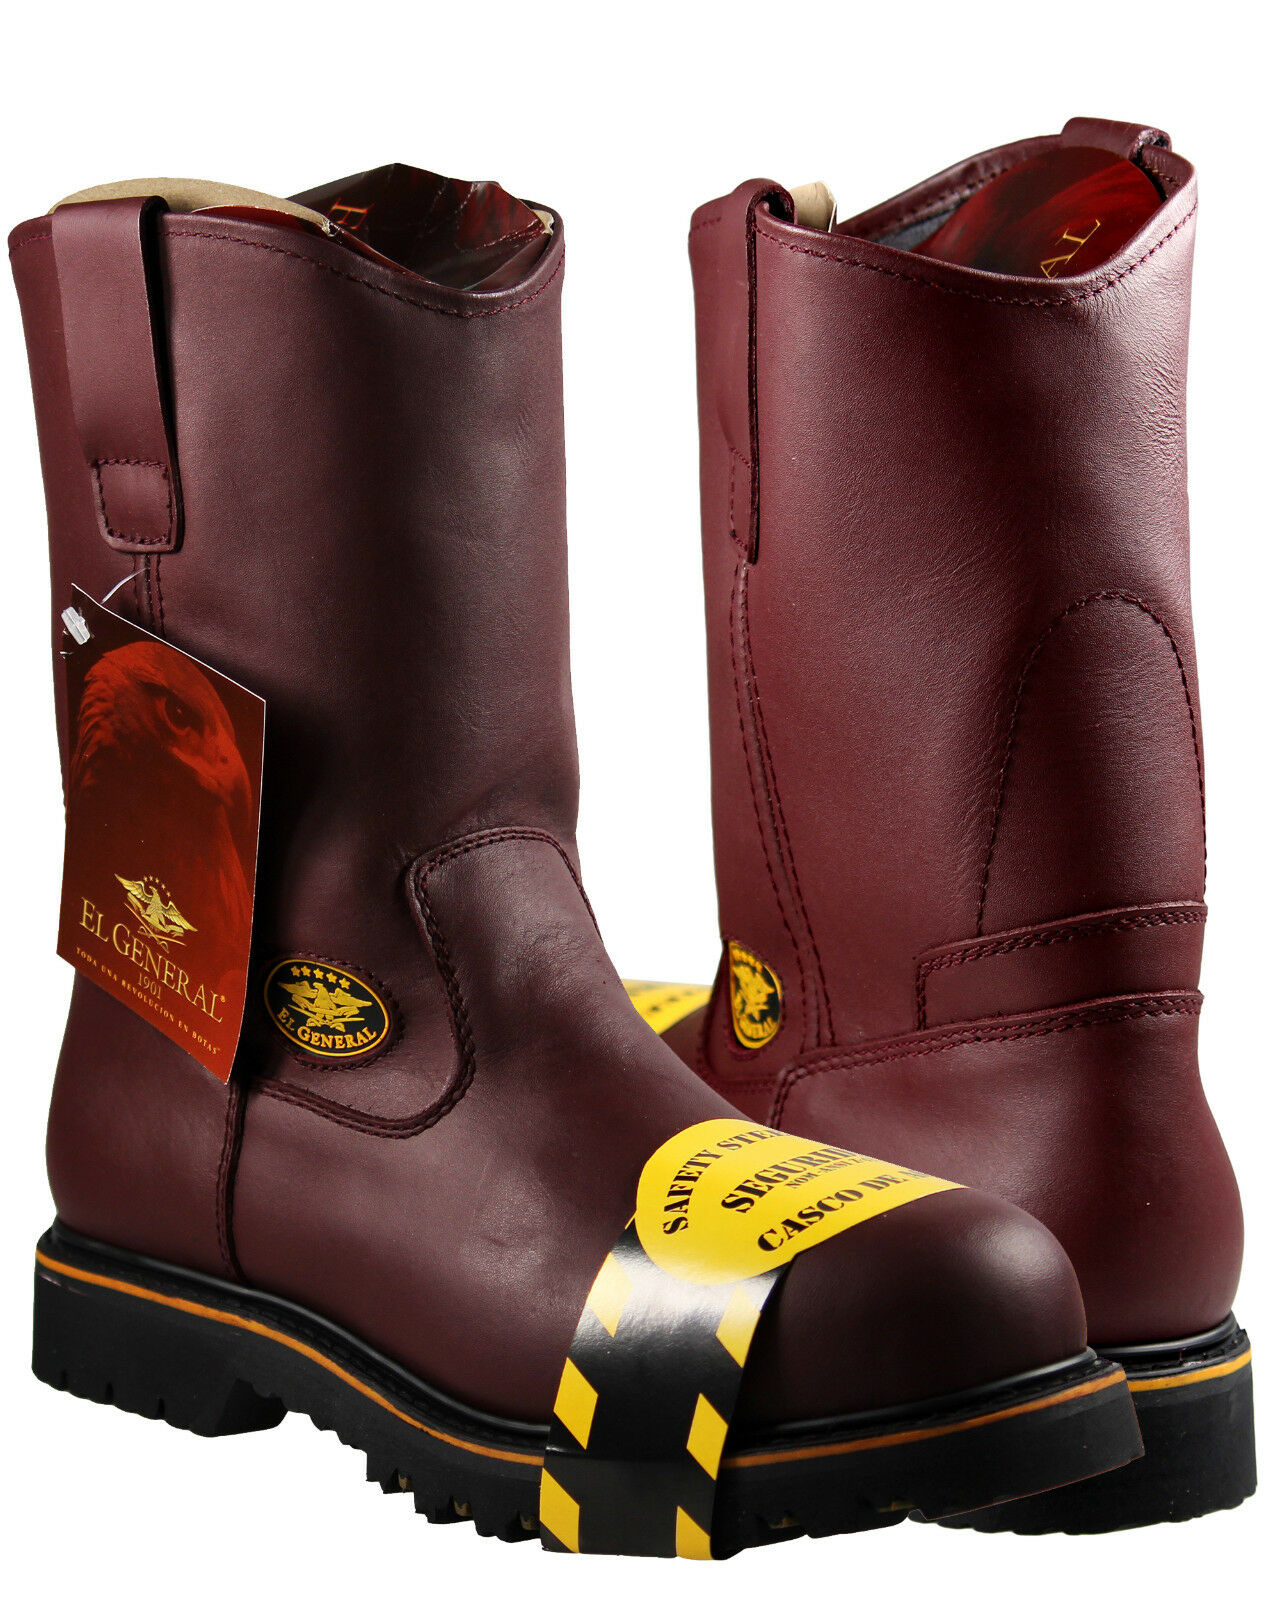 Cuero para Hombre botas De Trabajo Puntera De Acero Color Vino El General